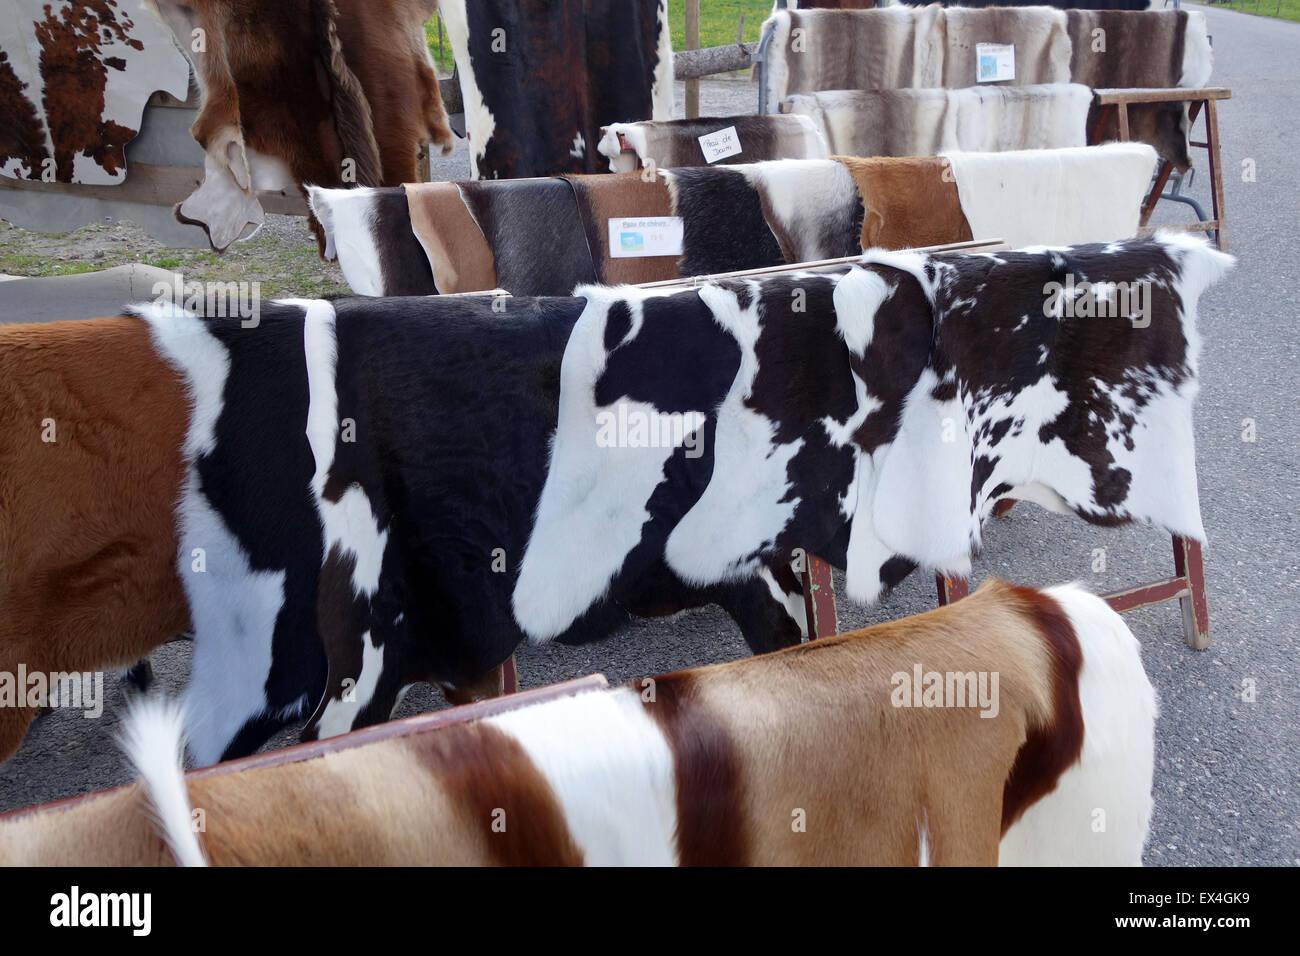 Kuh & Ziege Rinder Tier Rindsleder versteckt für Verkauf Souvenir Shop Col des Aravis Rhone-Alpes Frankreich Stockbild